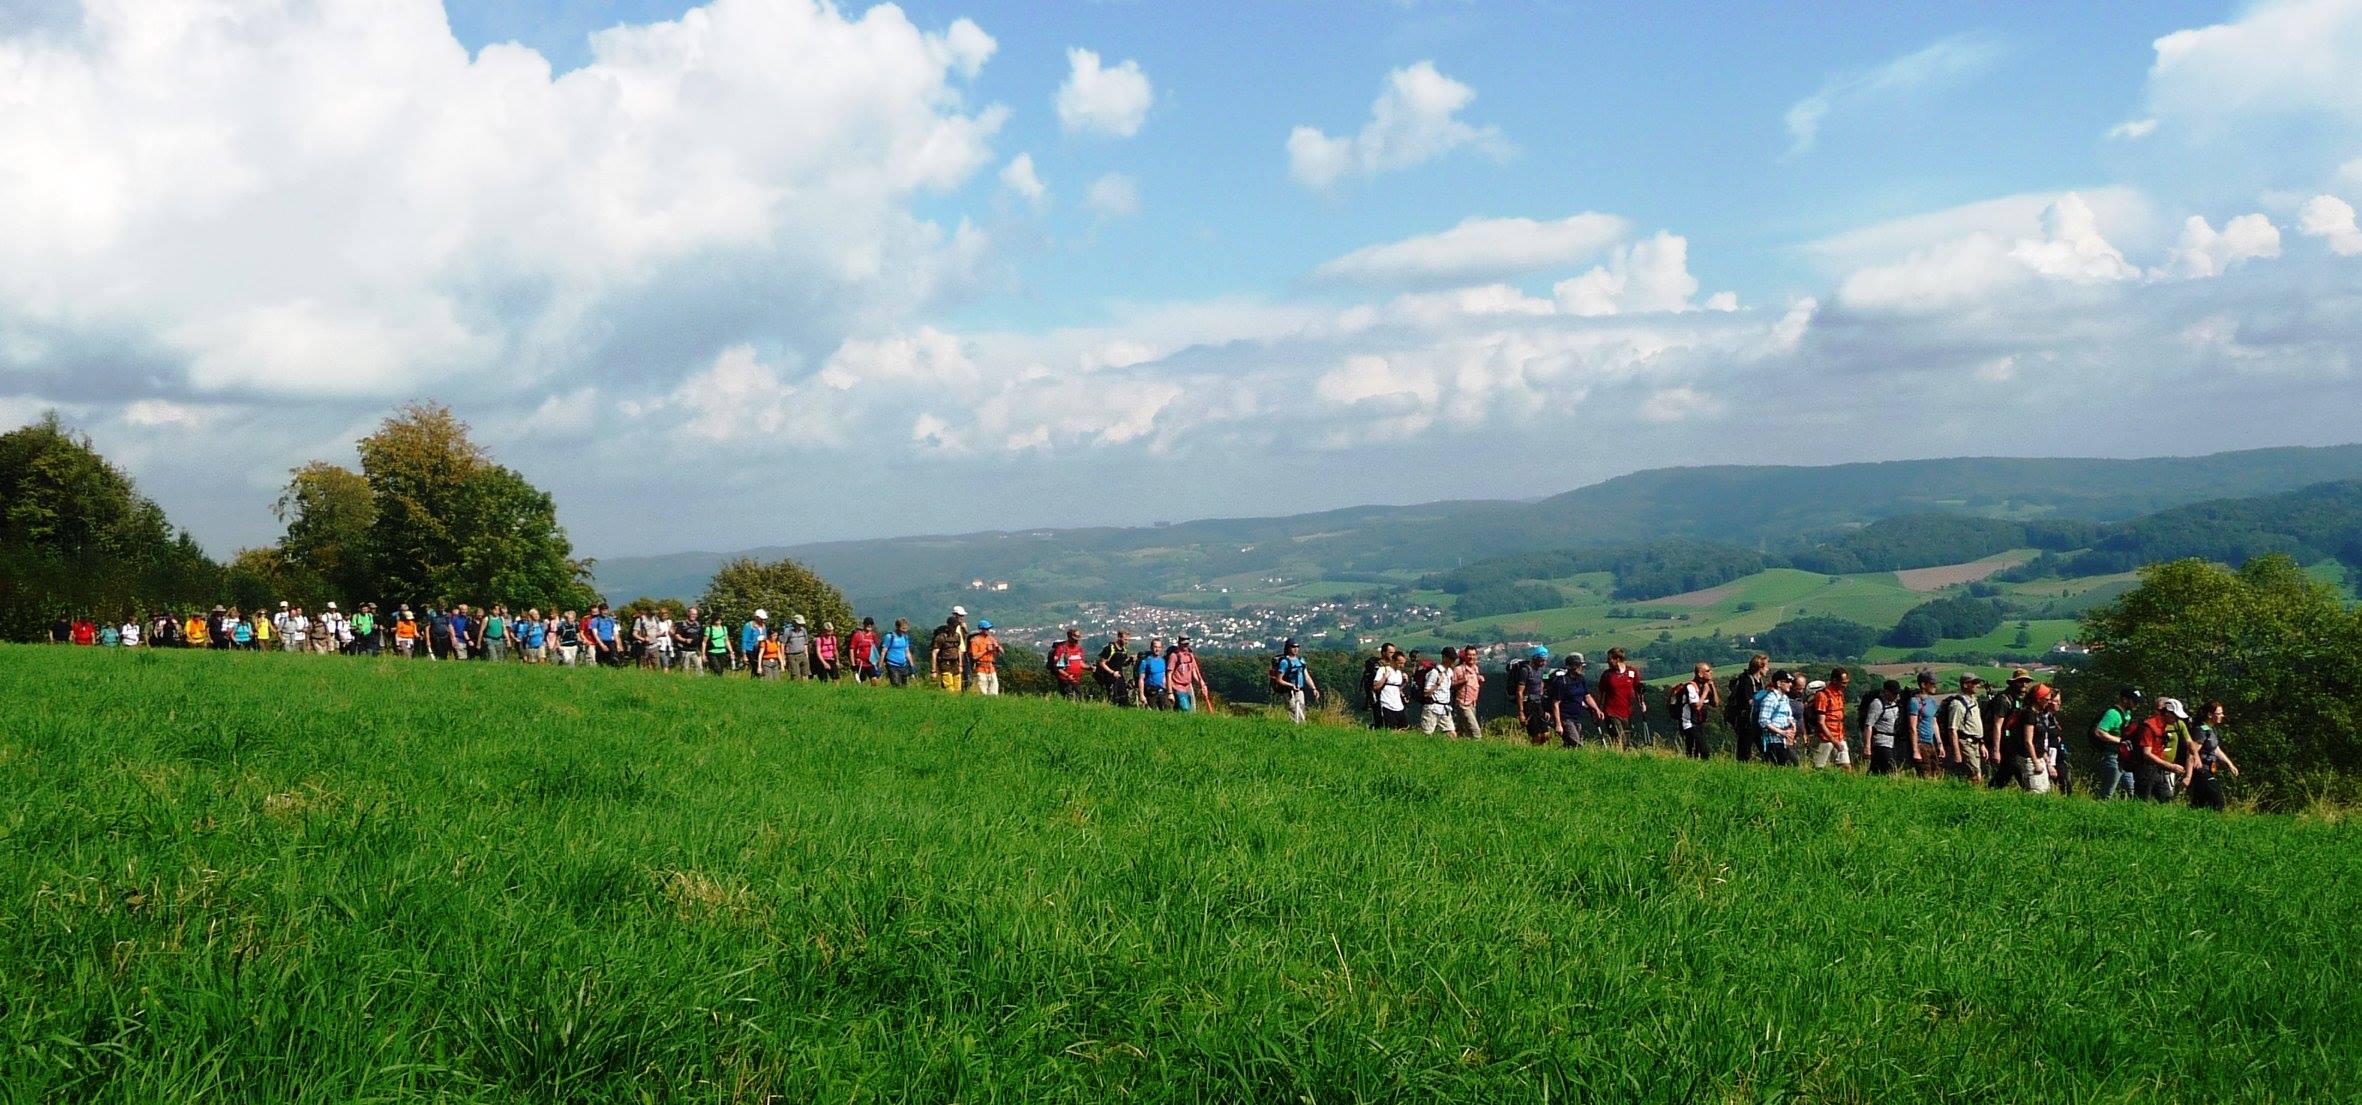 24 Stunden Wanderung Odenwald